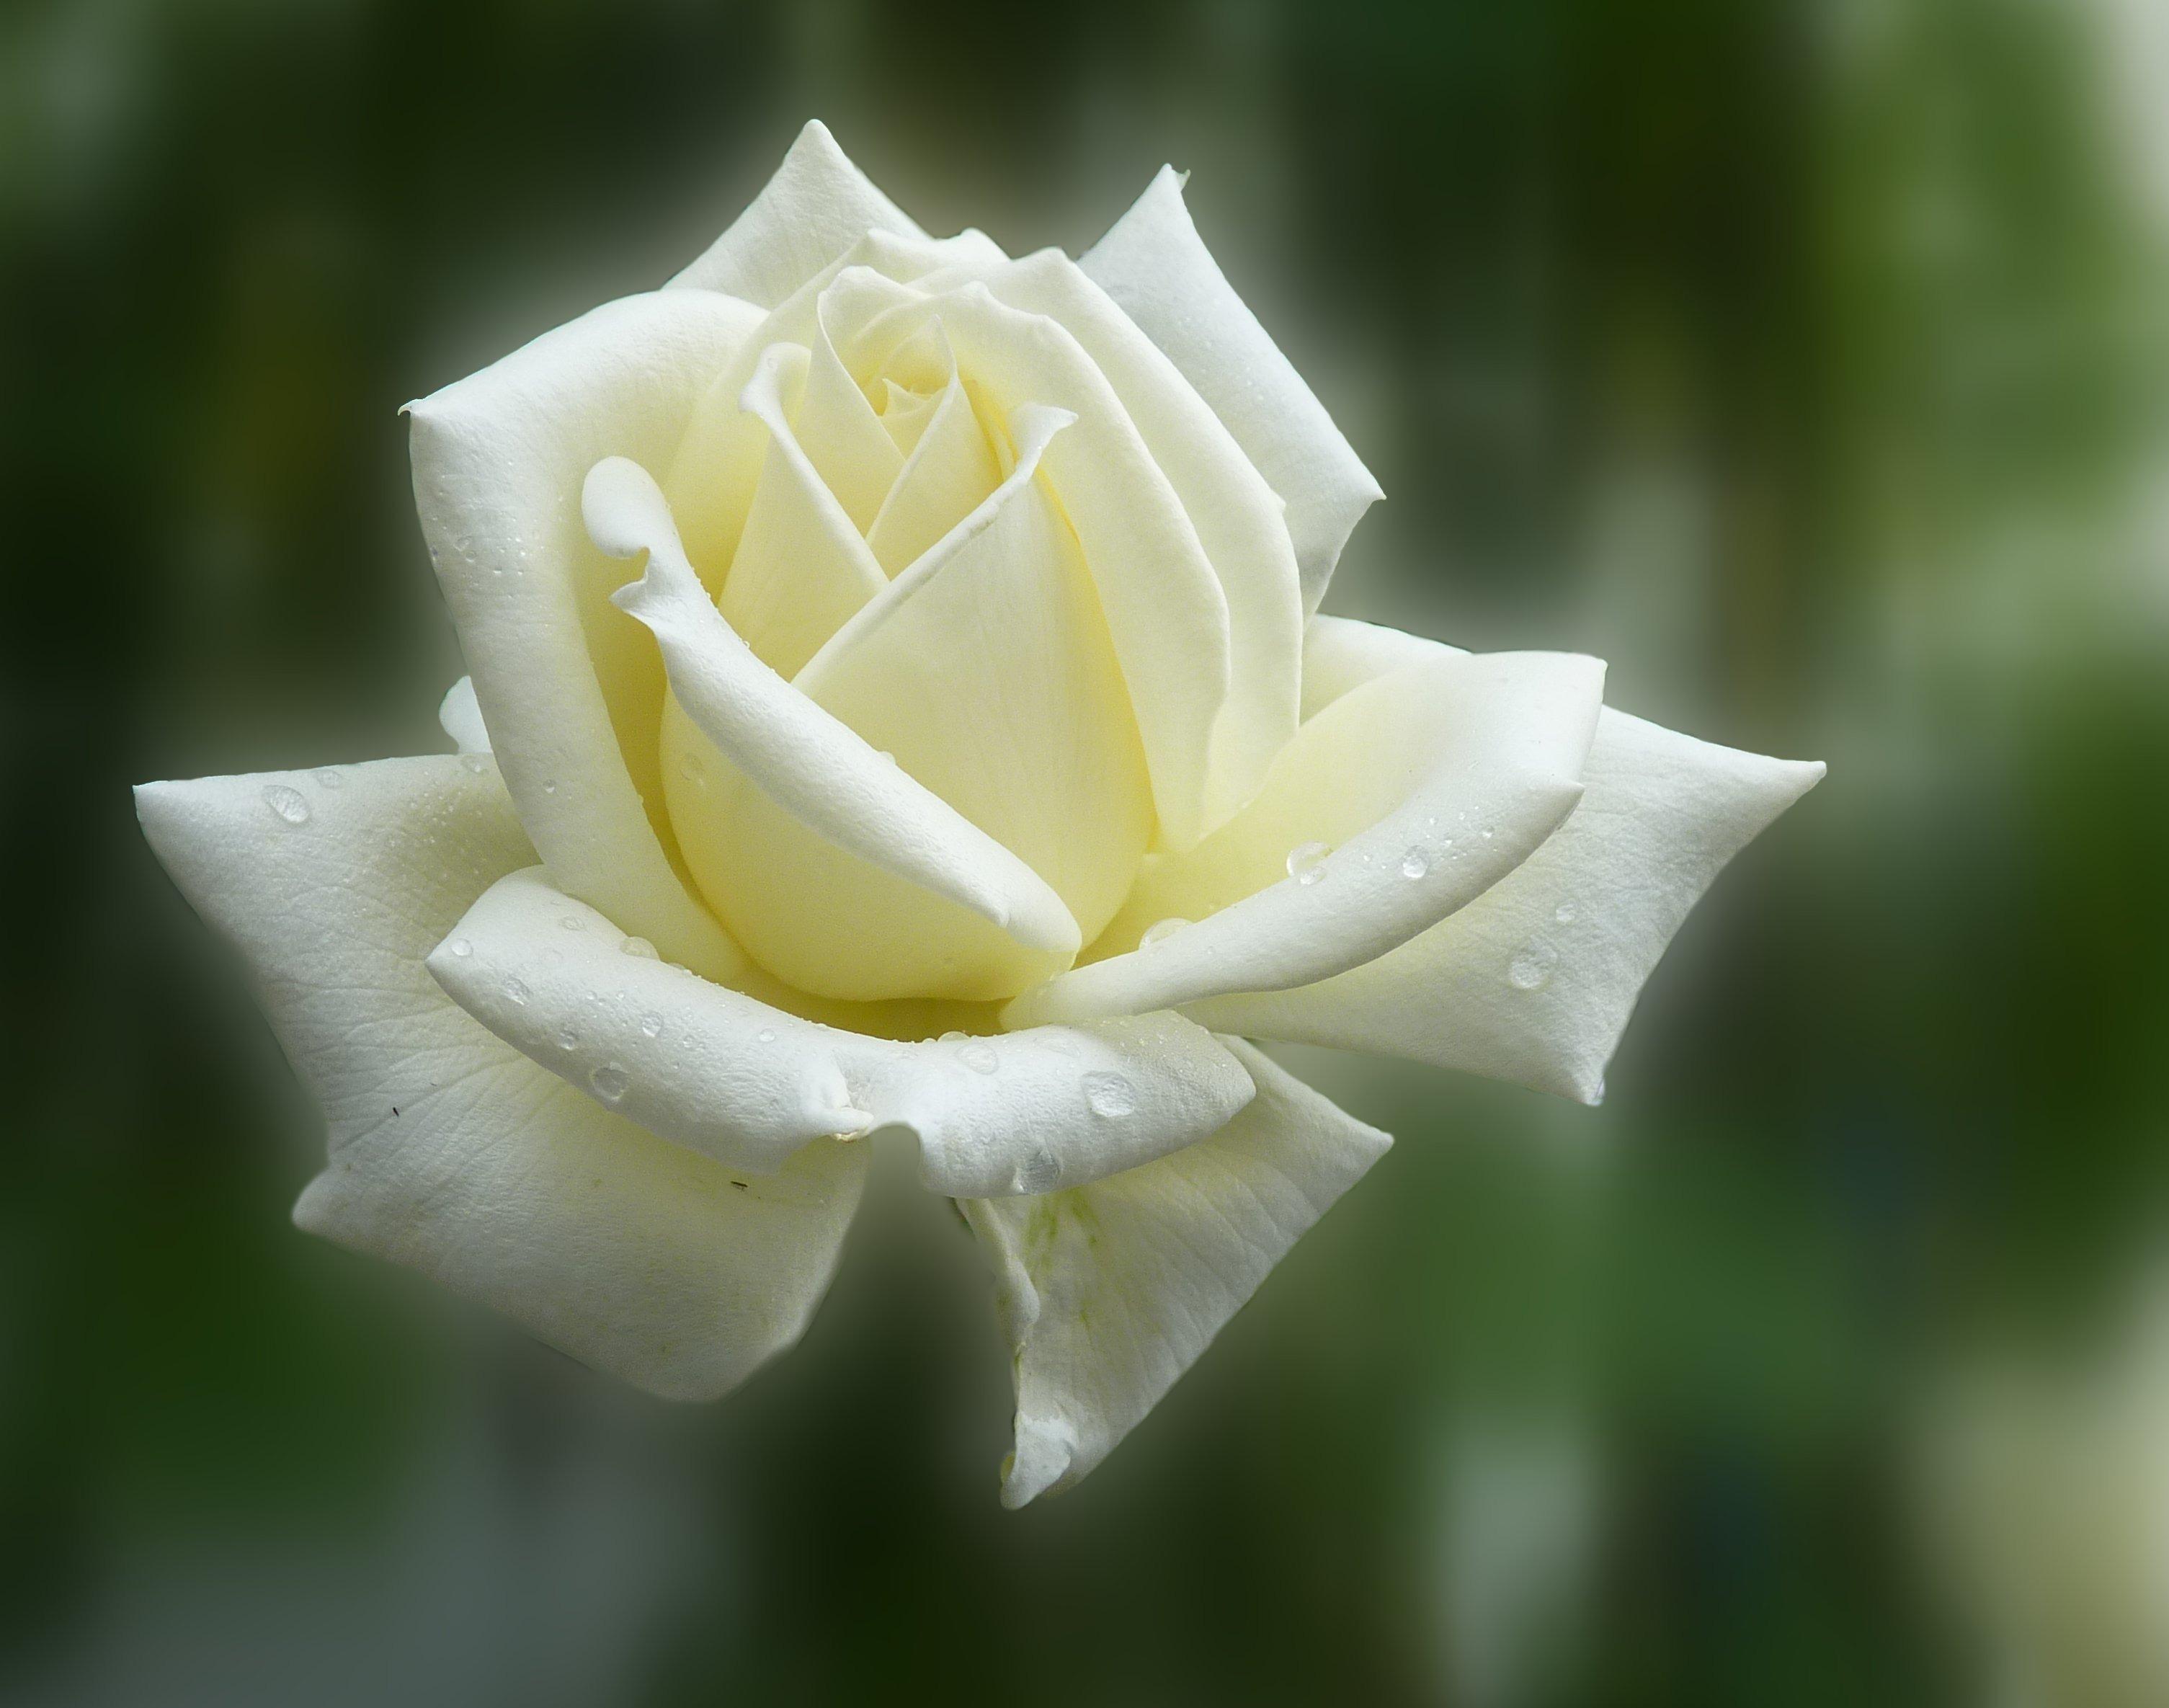 картинка белы бутон розы окончании